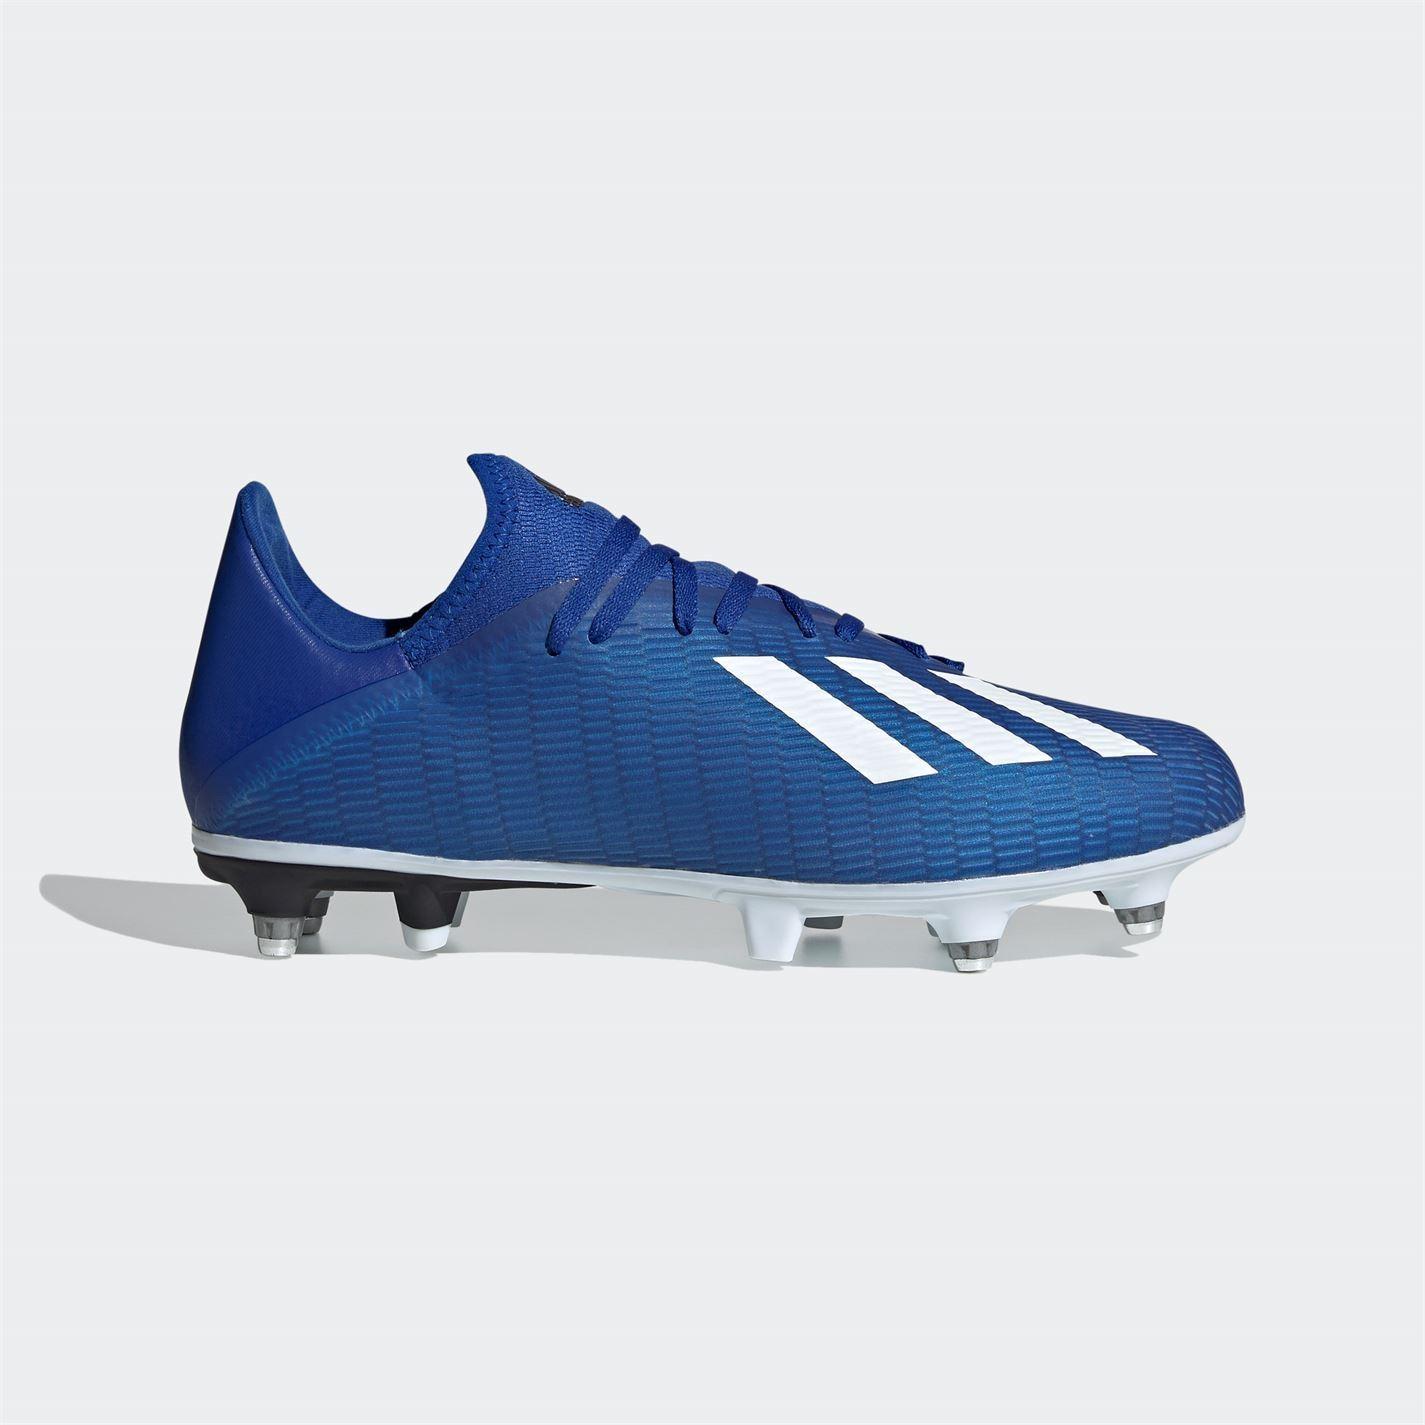 Adidas-X-19-3-Homme-SG-Terrain-Souple-Chaussures-De-Football-Chaussures-de-Foot-Crampons-Baskets miniature 7